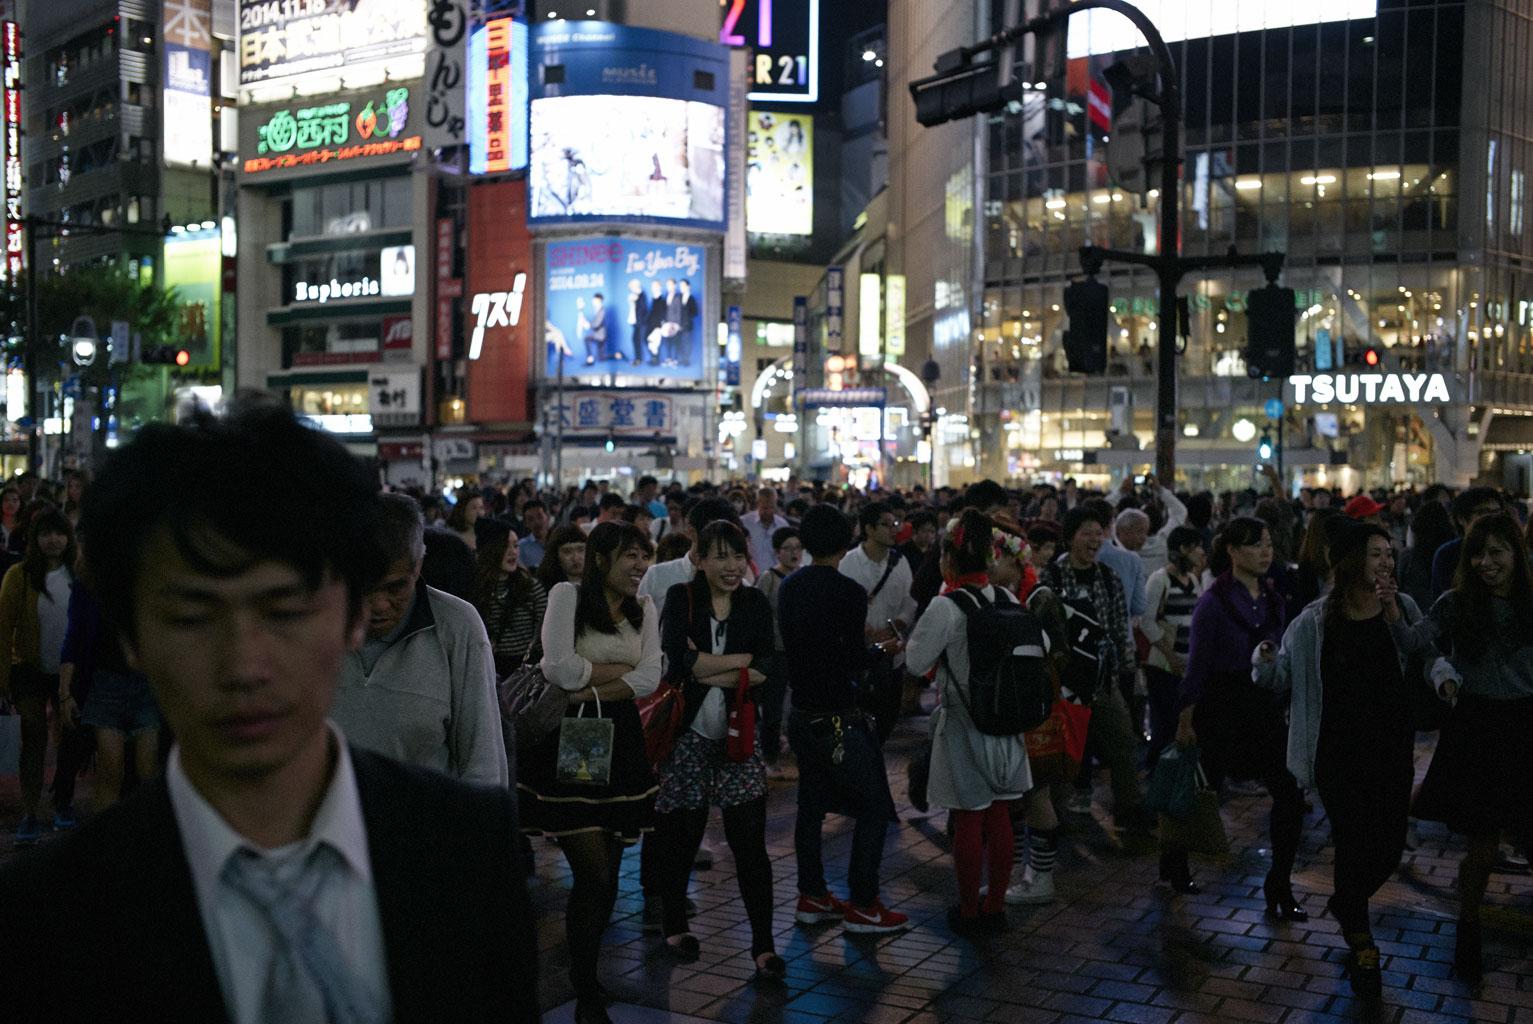 140927_TM_Japan_L_002260.jpg